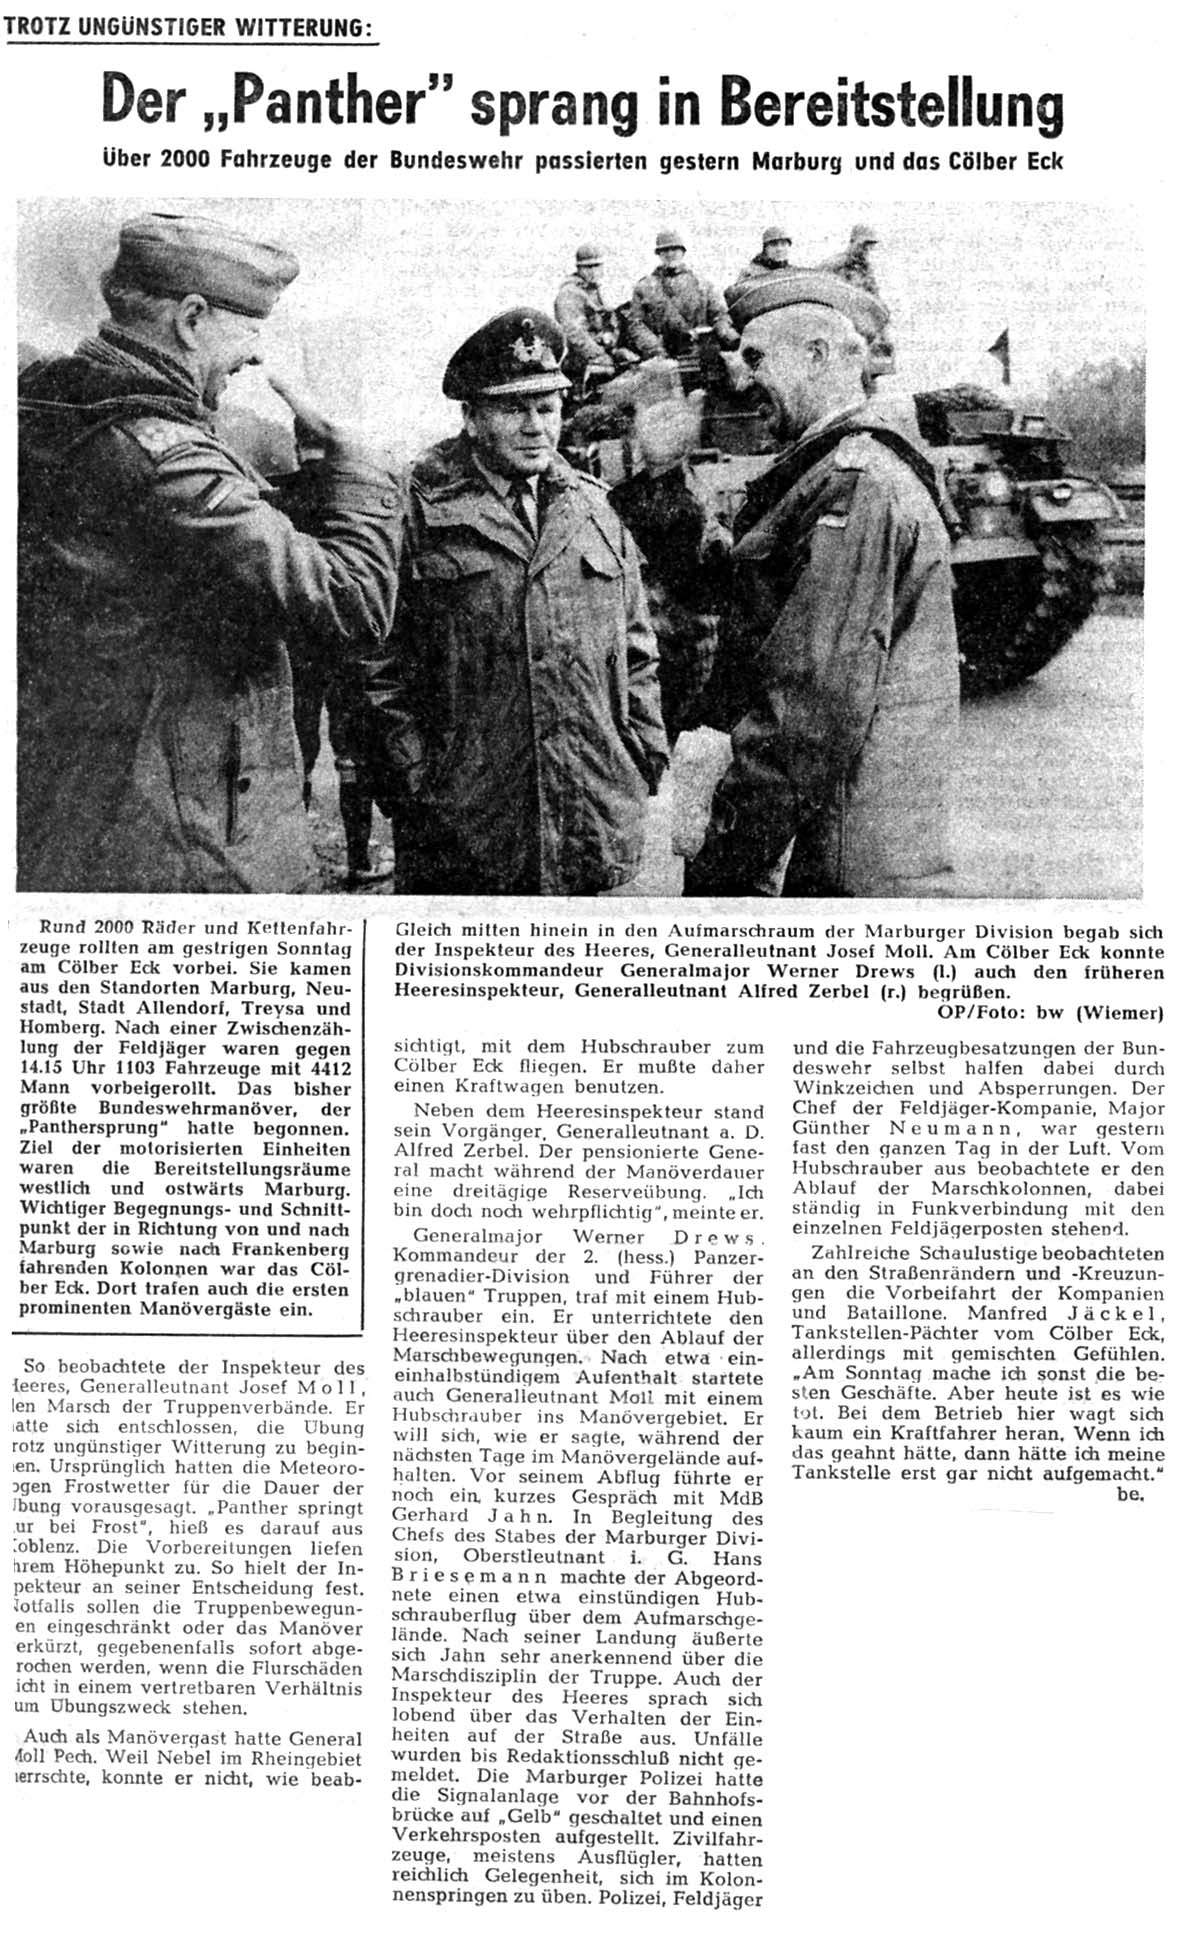 Panthersprung 19.1.1967b.jpg